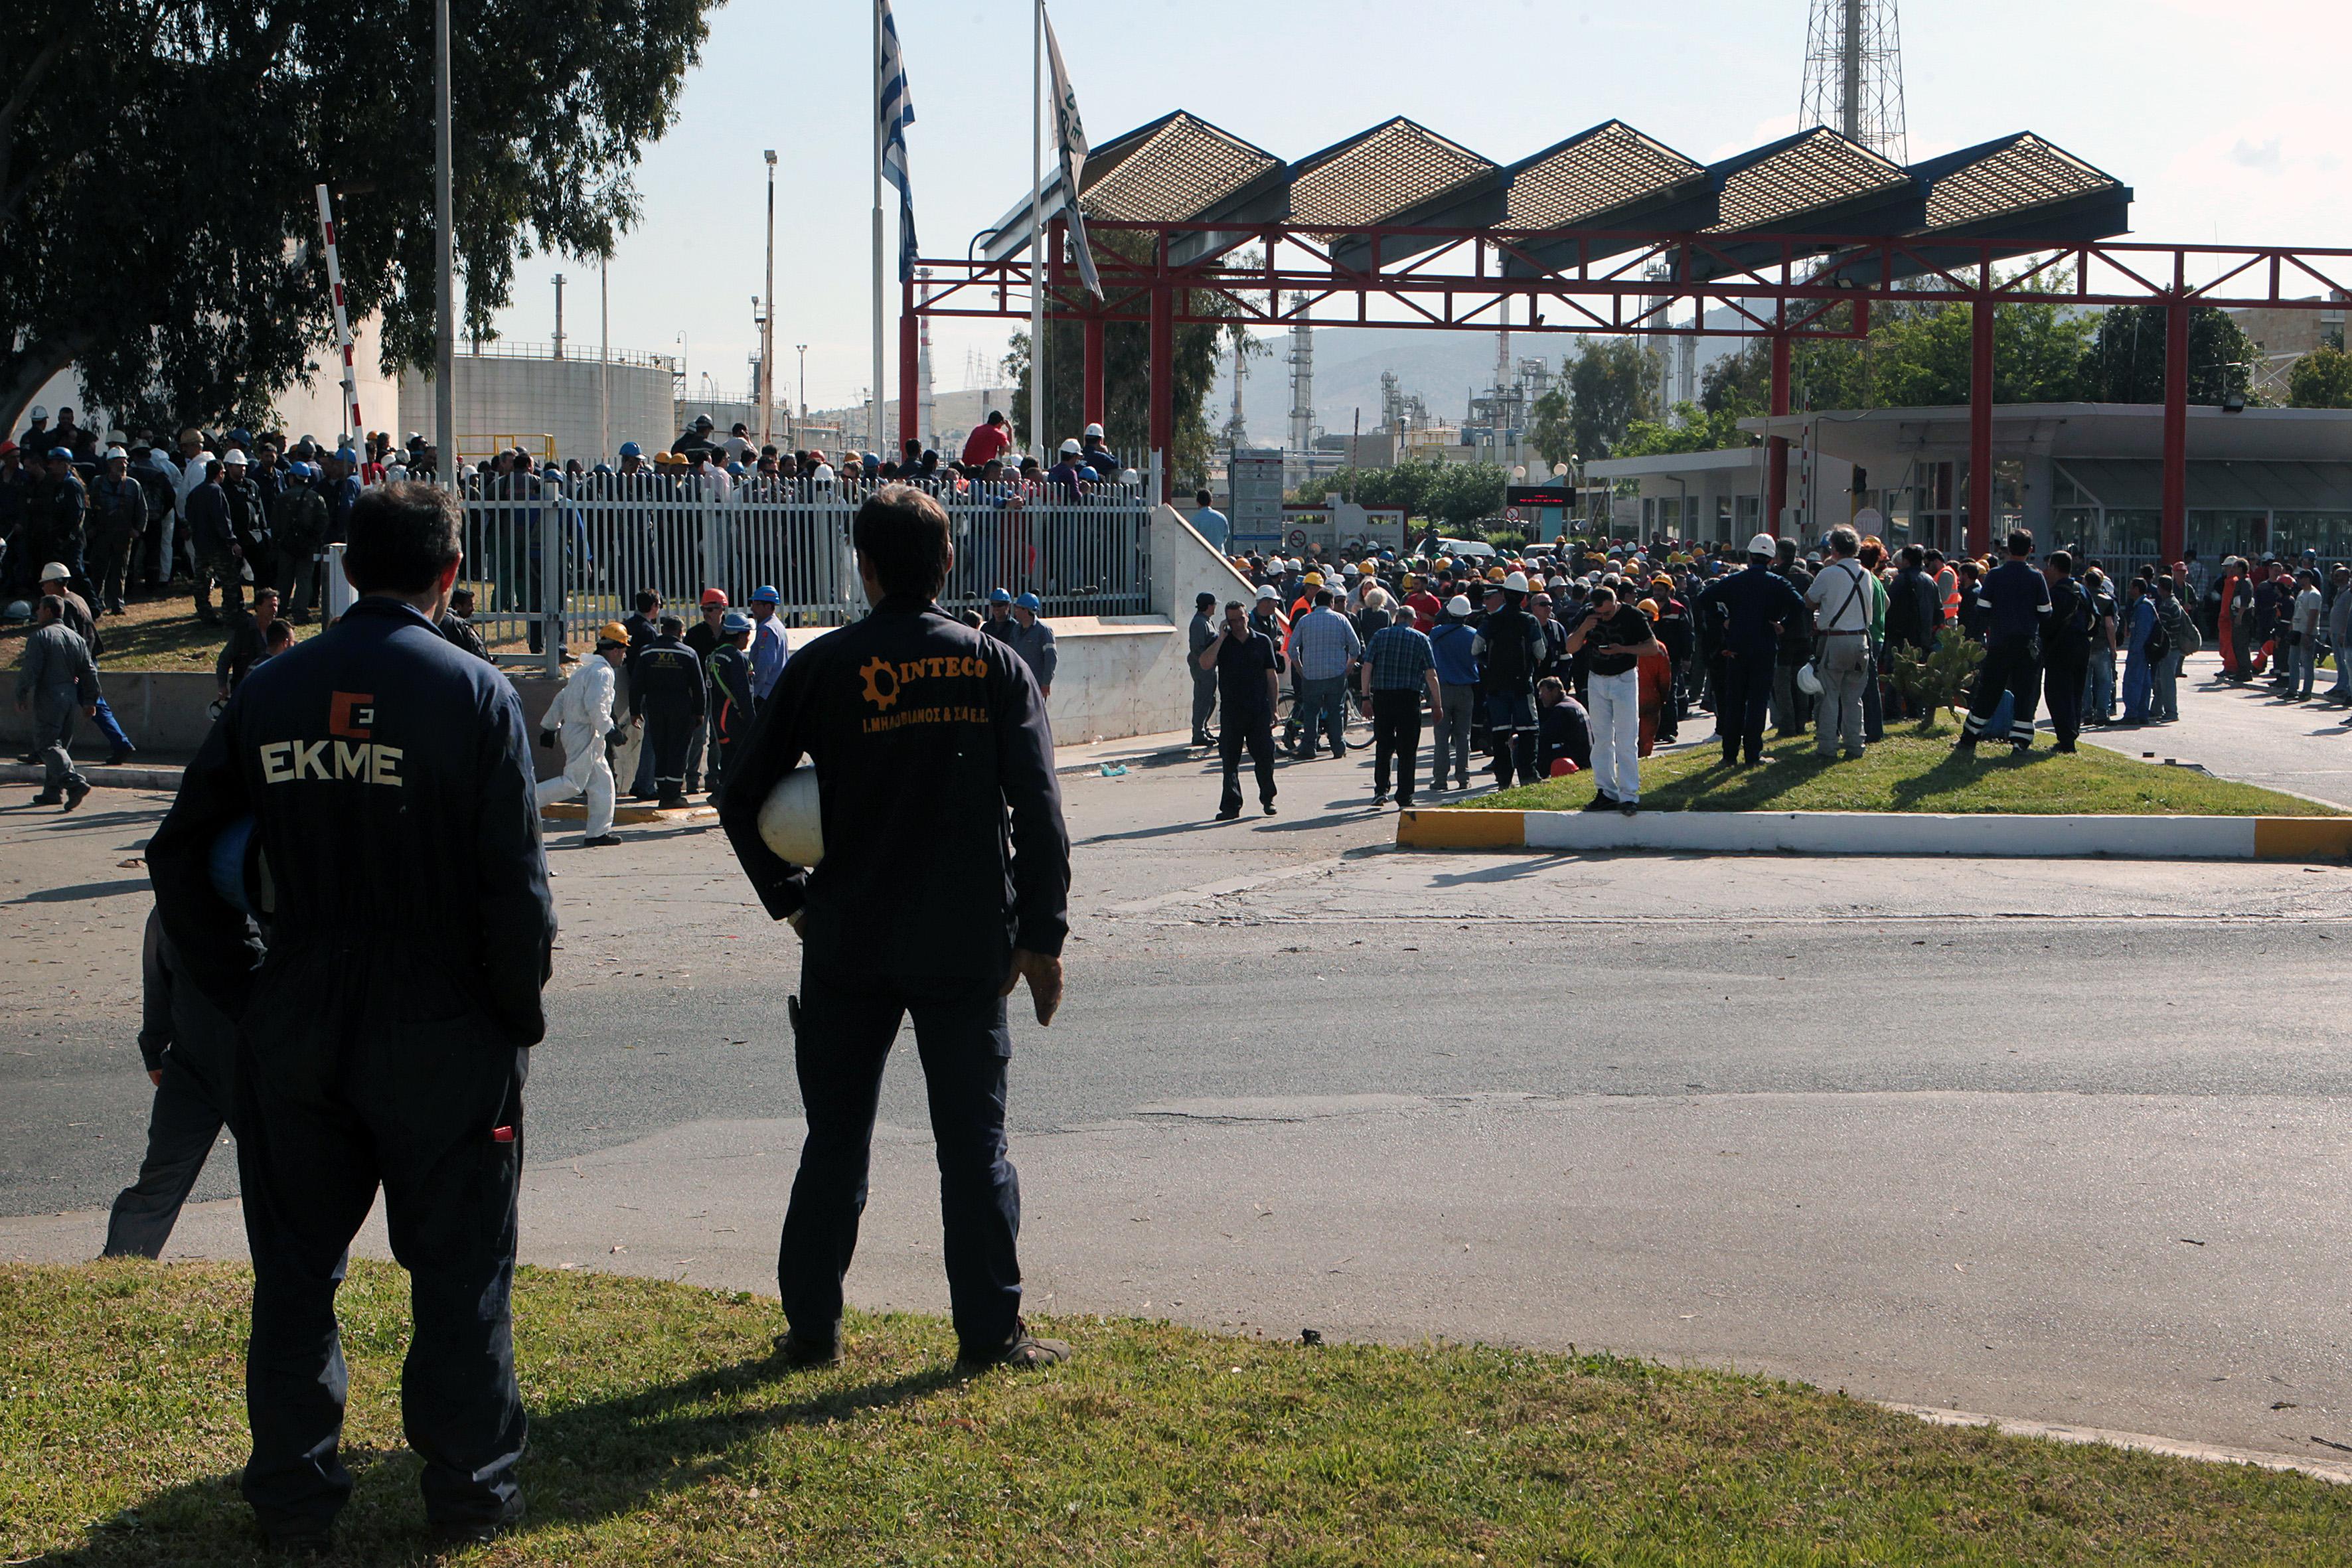 Ανθρώπινο λάθος δείχνει το πόρισμα για την έκρηξη στα ΕΛΠΕ | tovima.gr